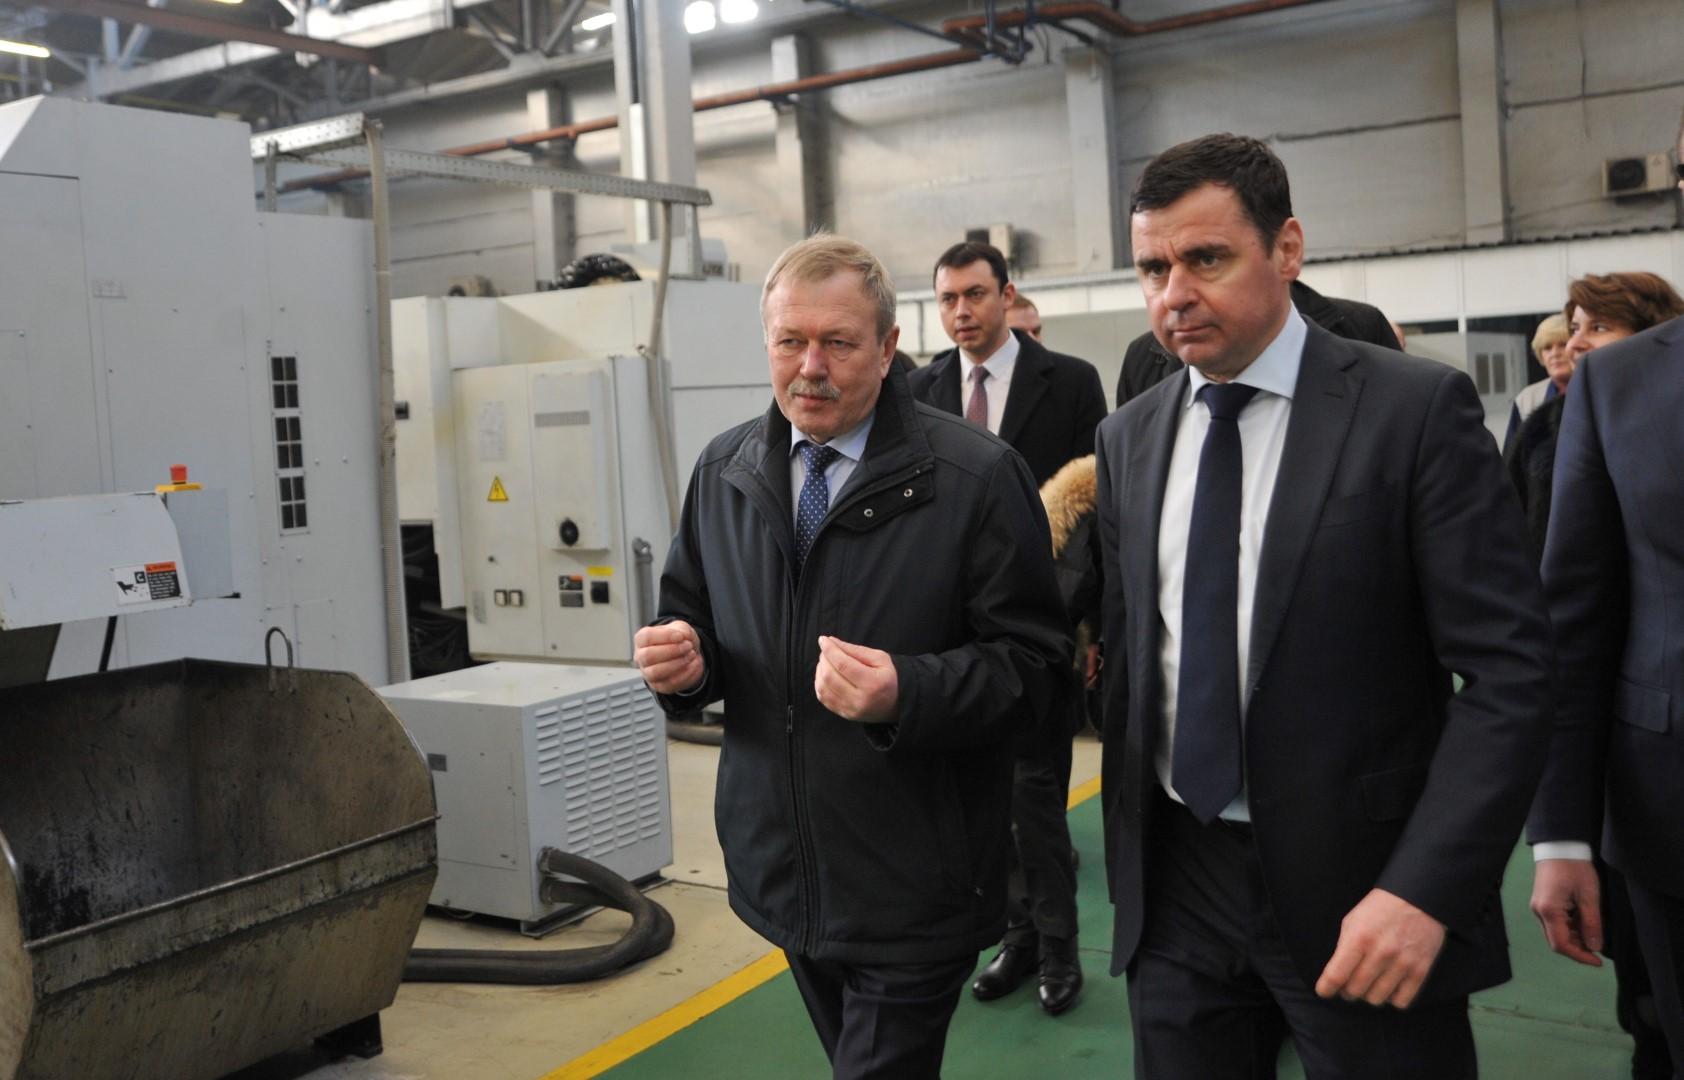 Губернаторский совет в Тутаеве: Дмитрий Миронов посетил моторный завод и рассказал о поддержке развития предприятий